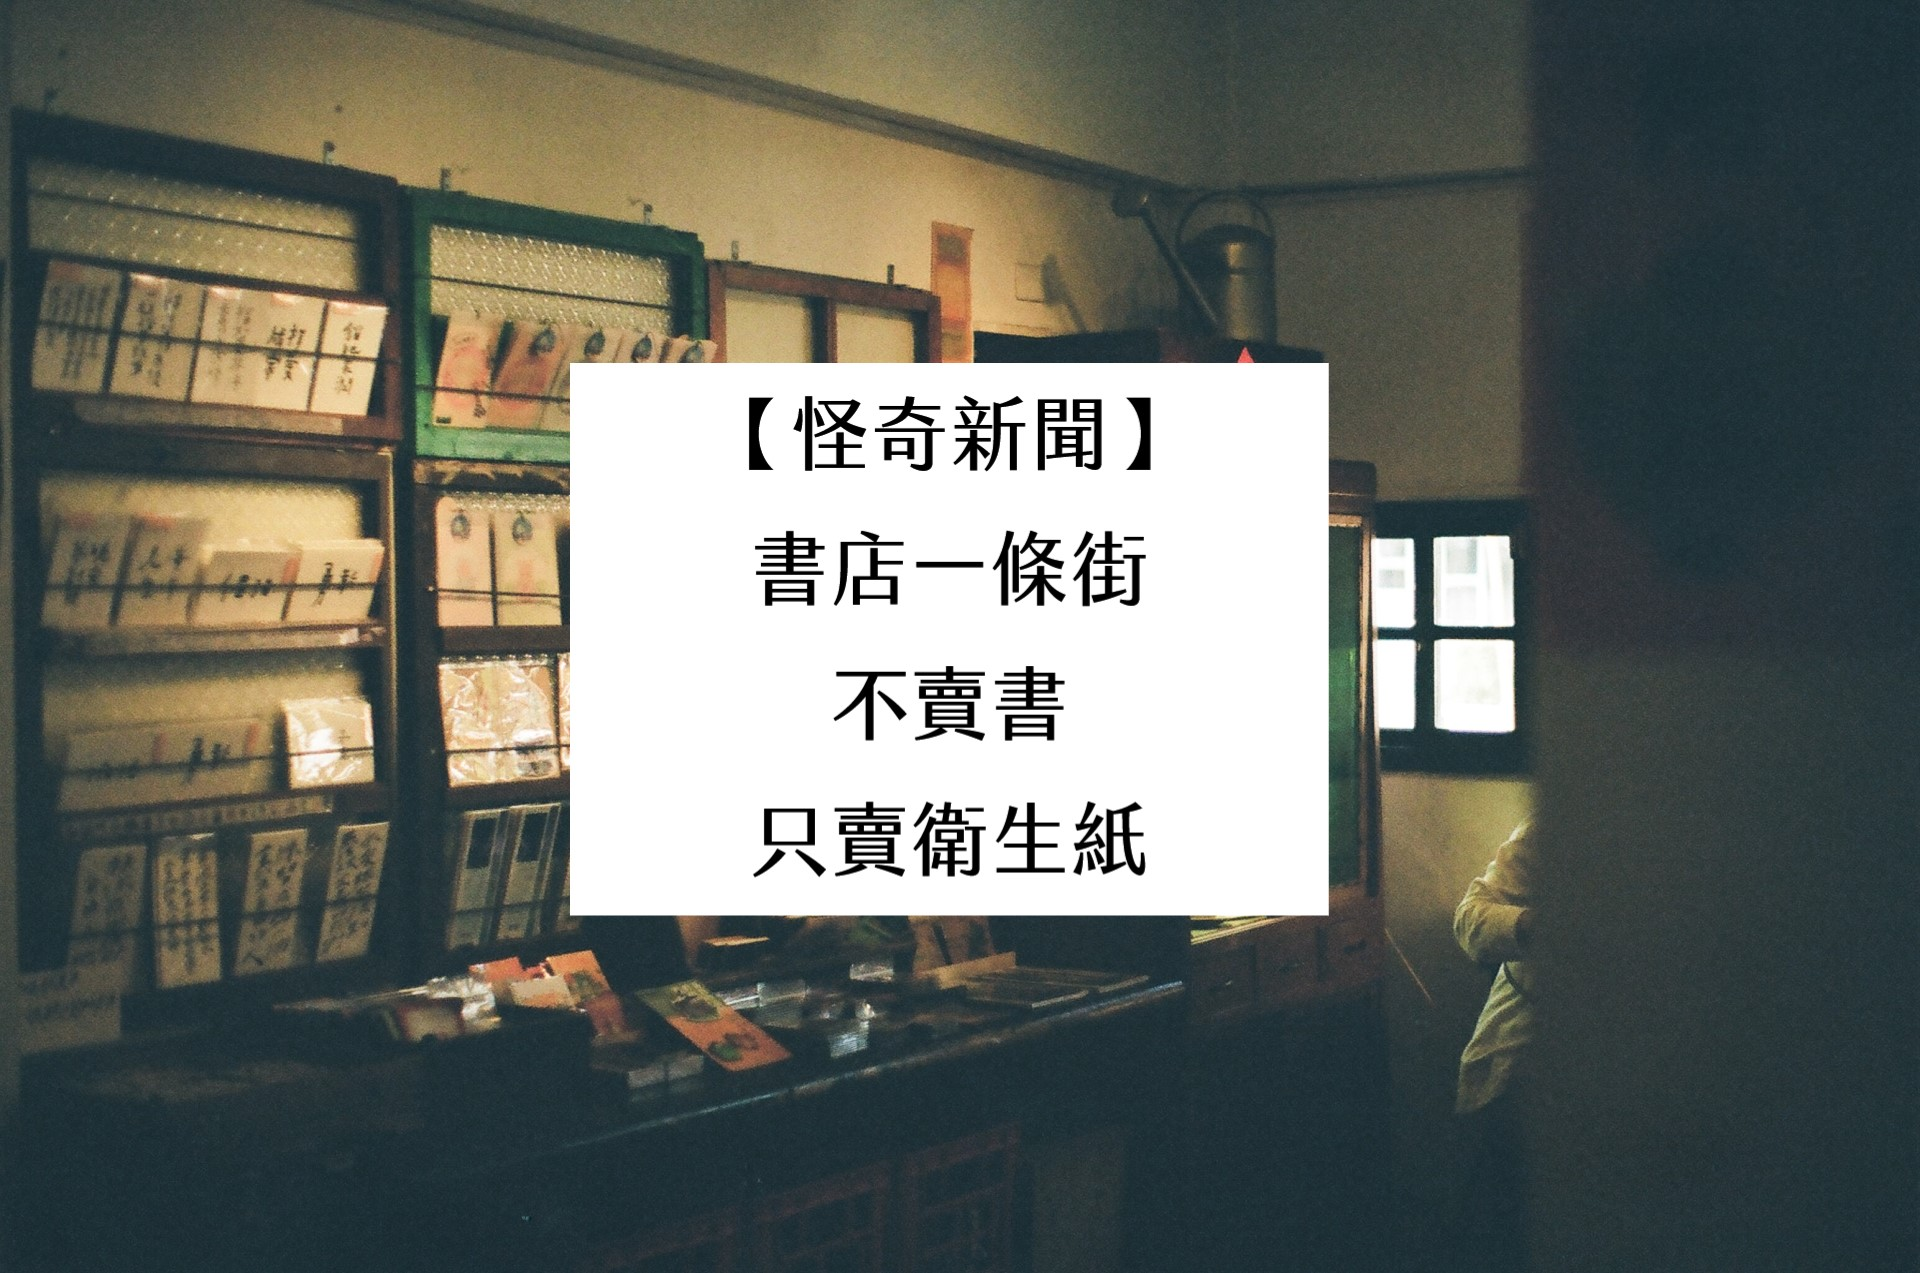 【怪奇新聞】書店一條街,不賣書改賣衛生紙 2